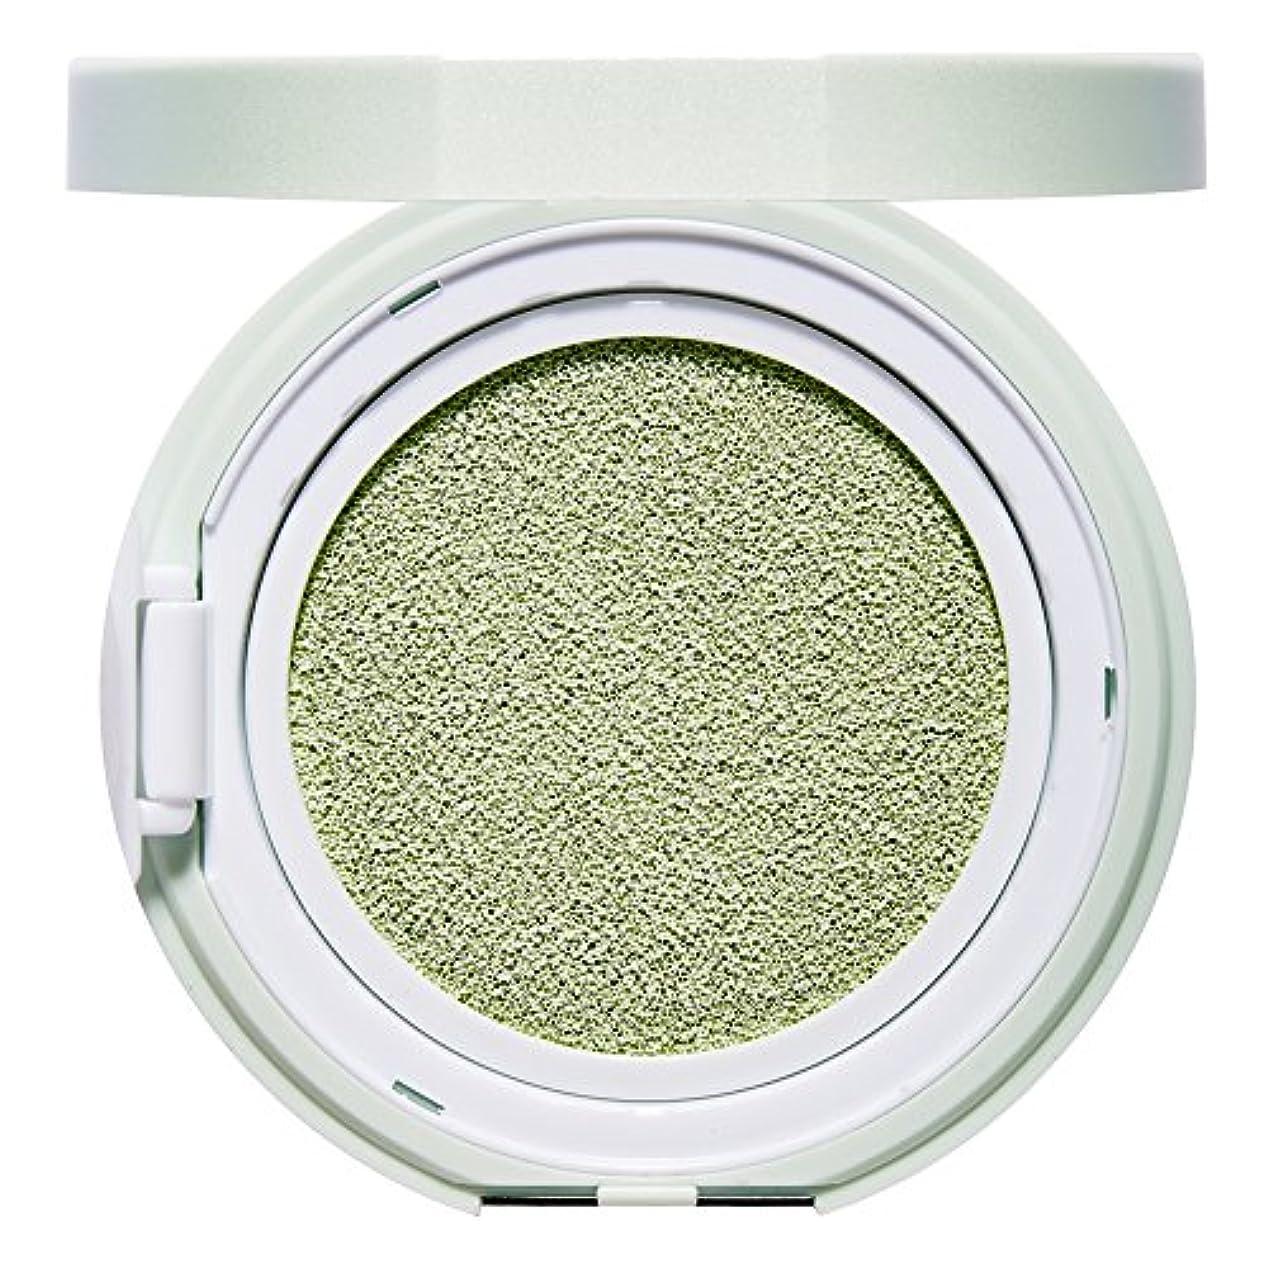 恩恵カジュアルくるくるエチュードハウス(ETUDE HOUSE) エニークッション カラーコレクター Mint[化粧下地、コントロールカラー、緑、グリーン]